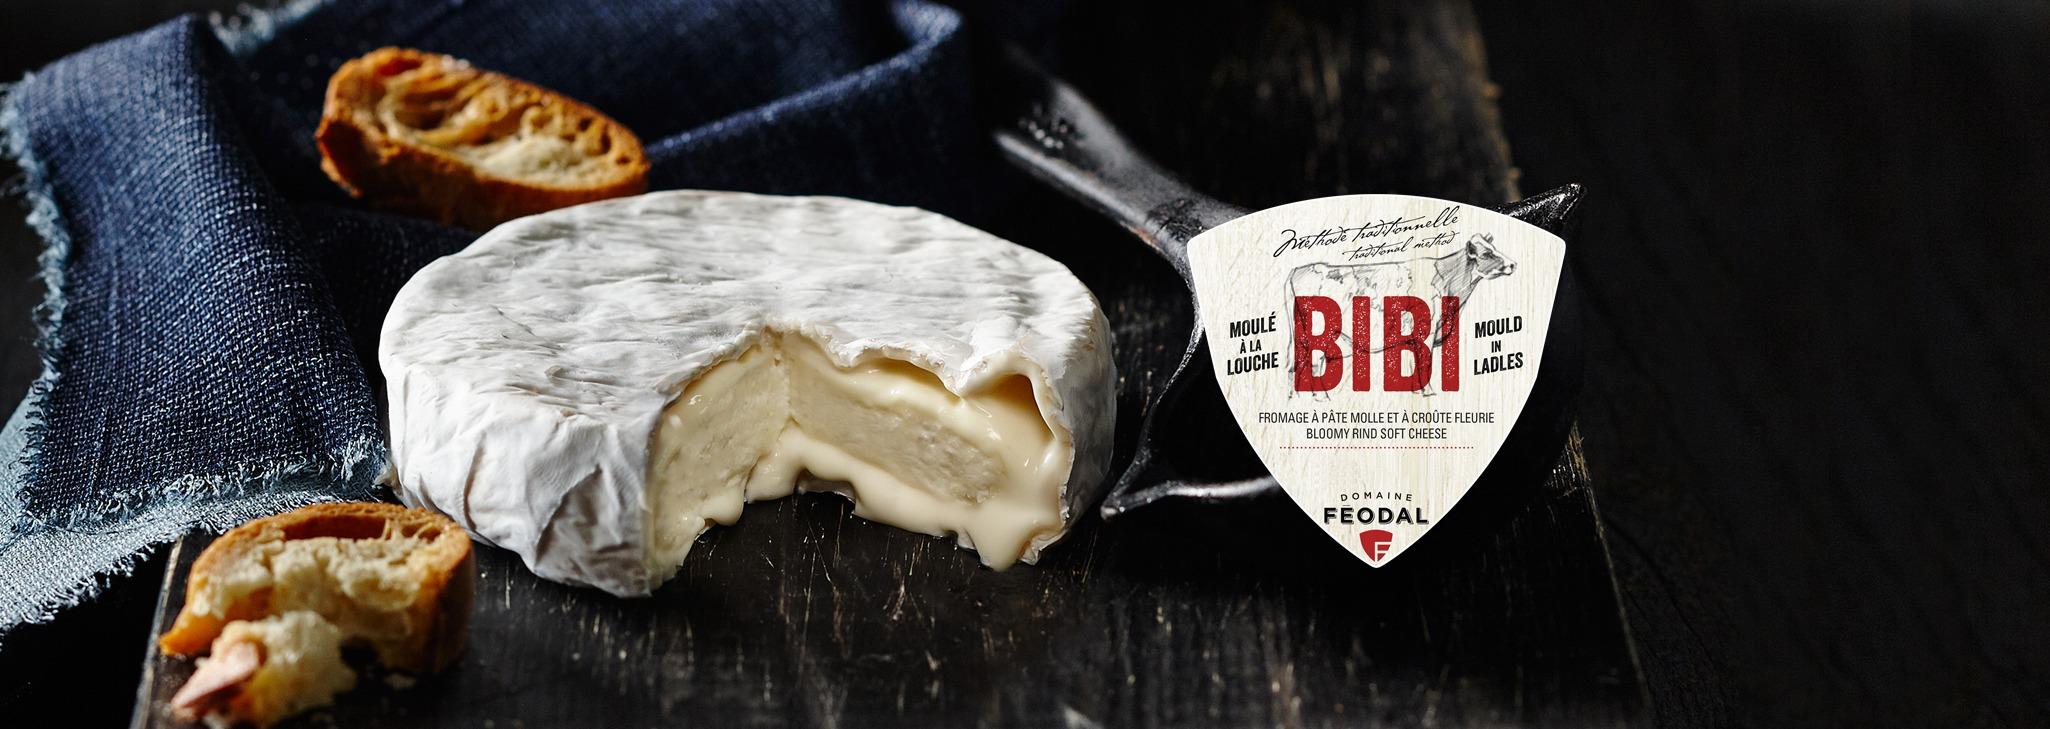 bibi-fromage